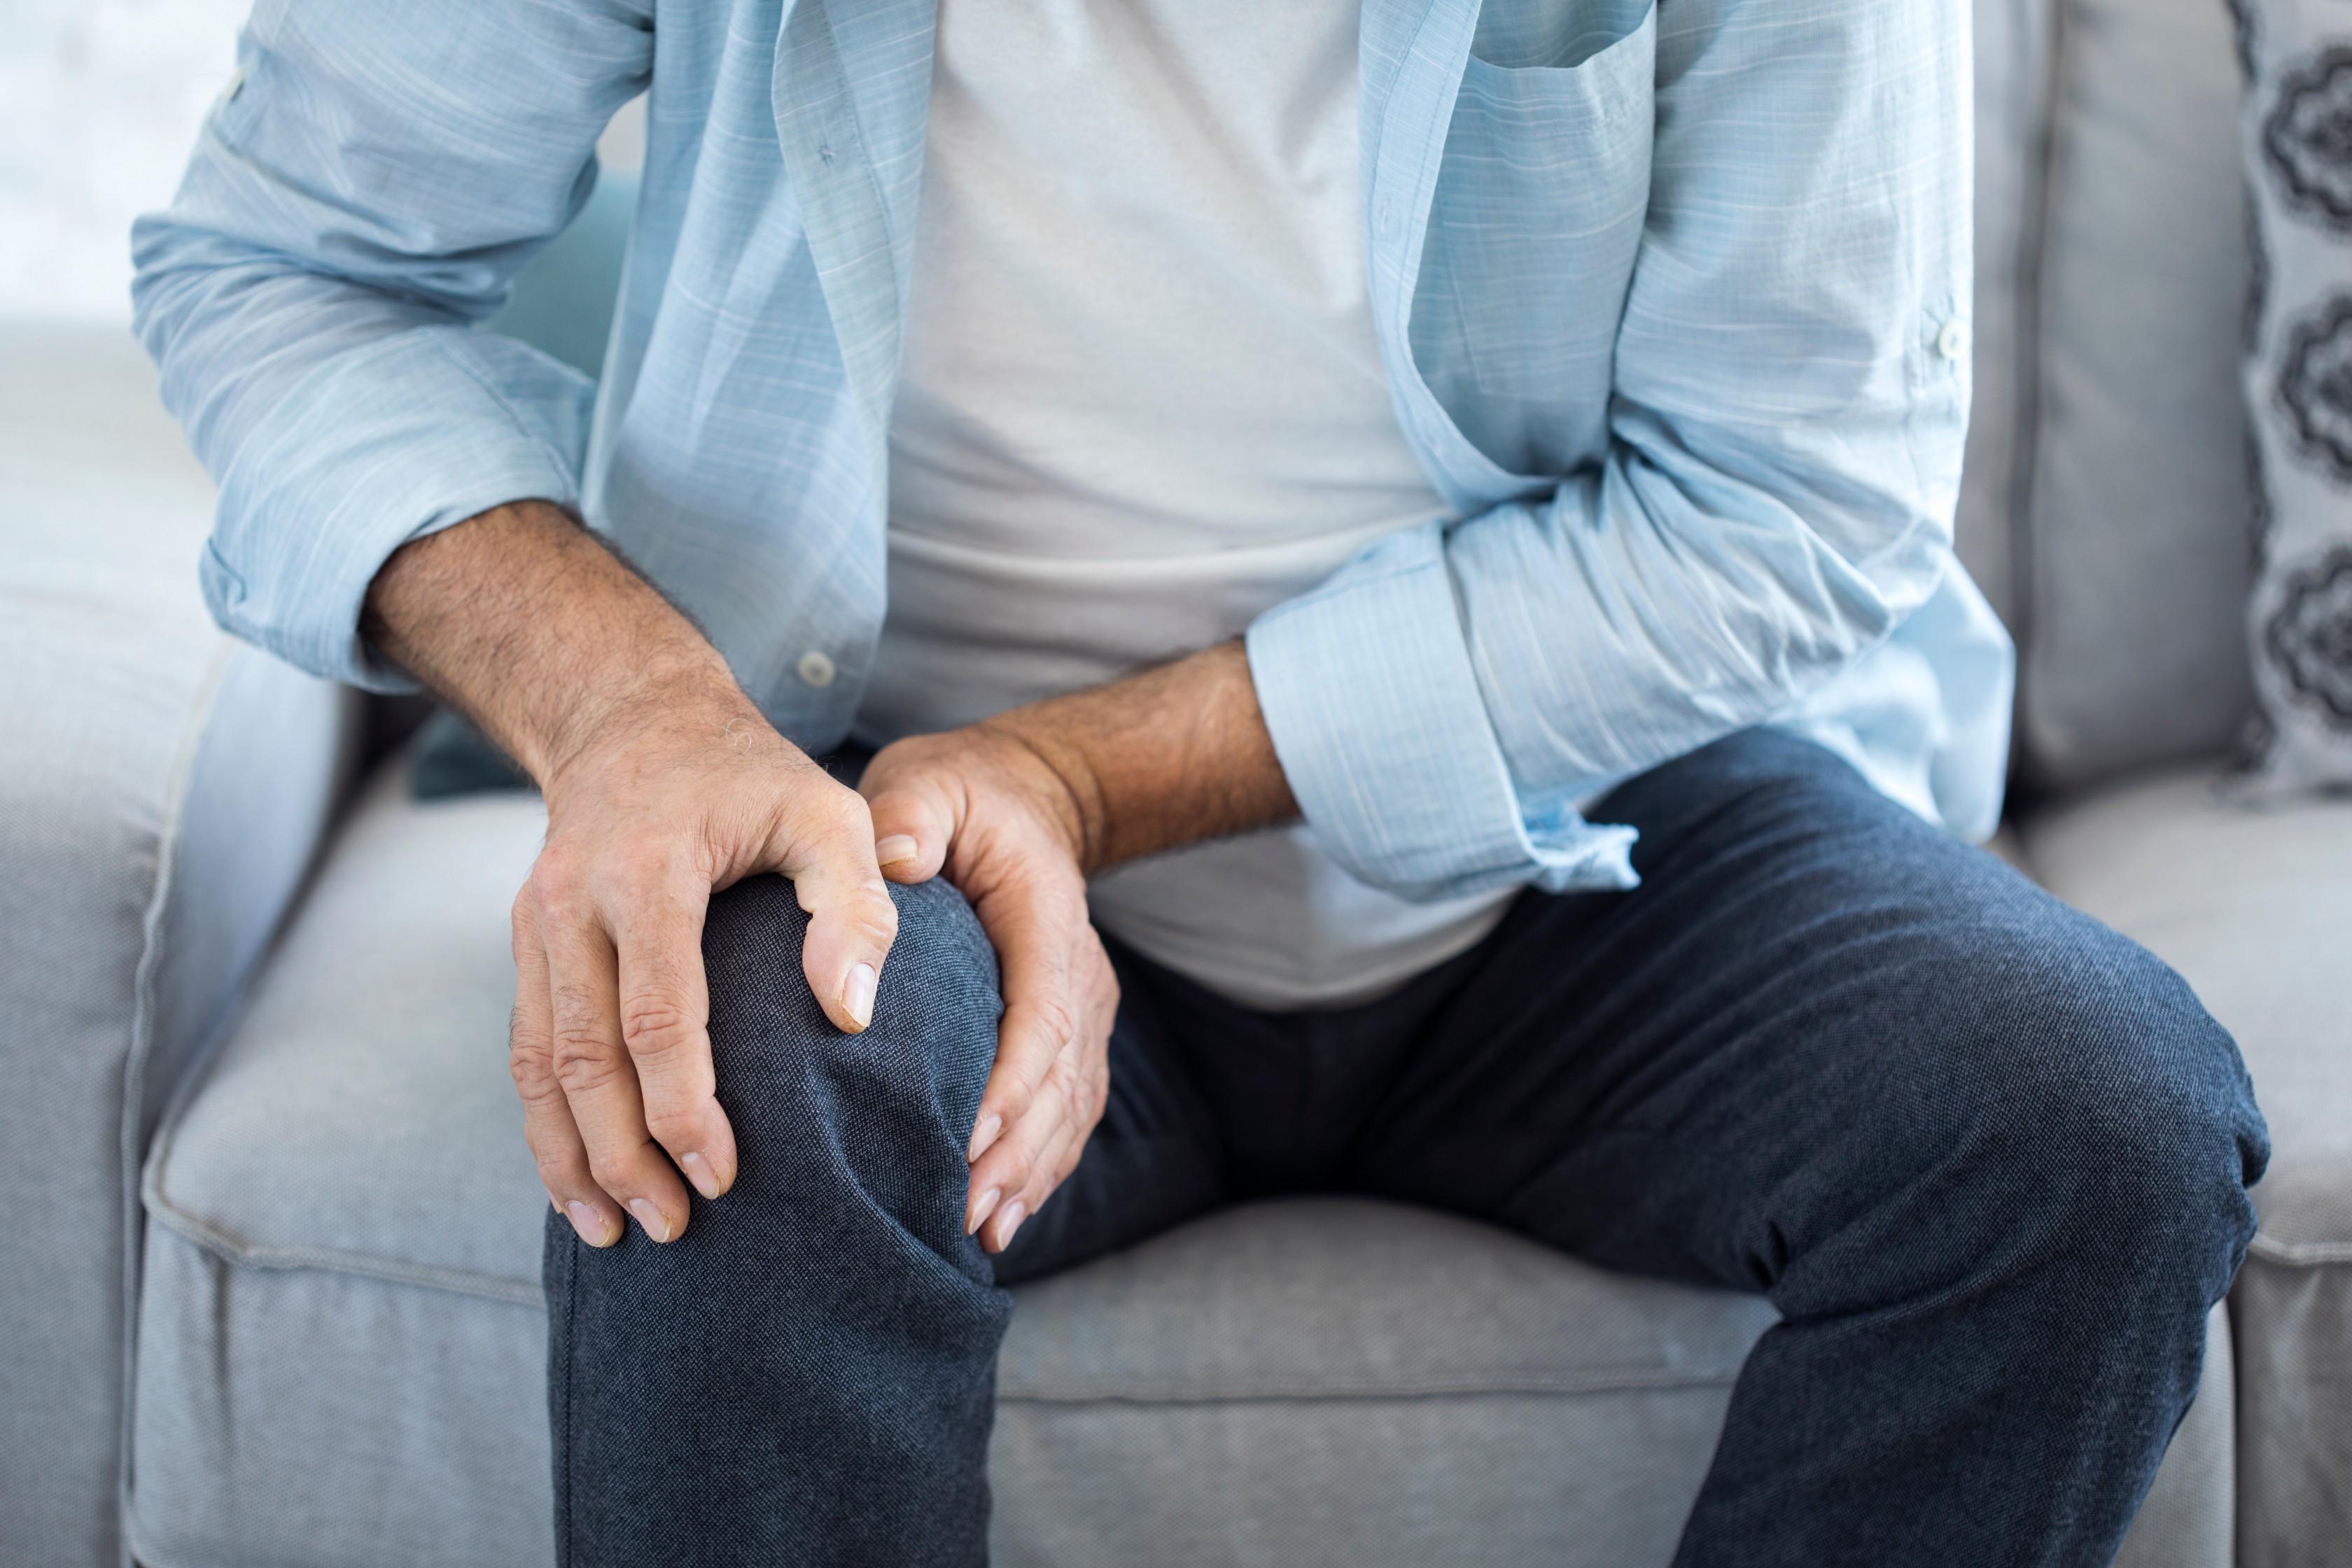 könyök izületi gyulladásra a láb ízületei valóban fájnak, mint kezelni